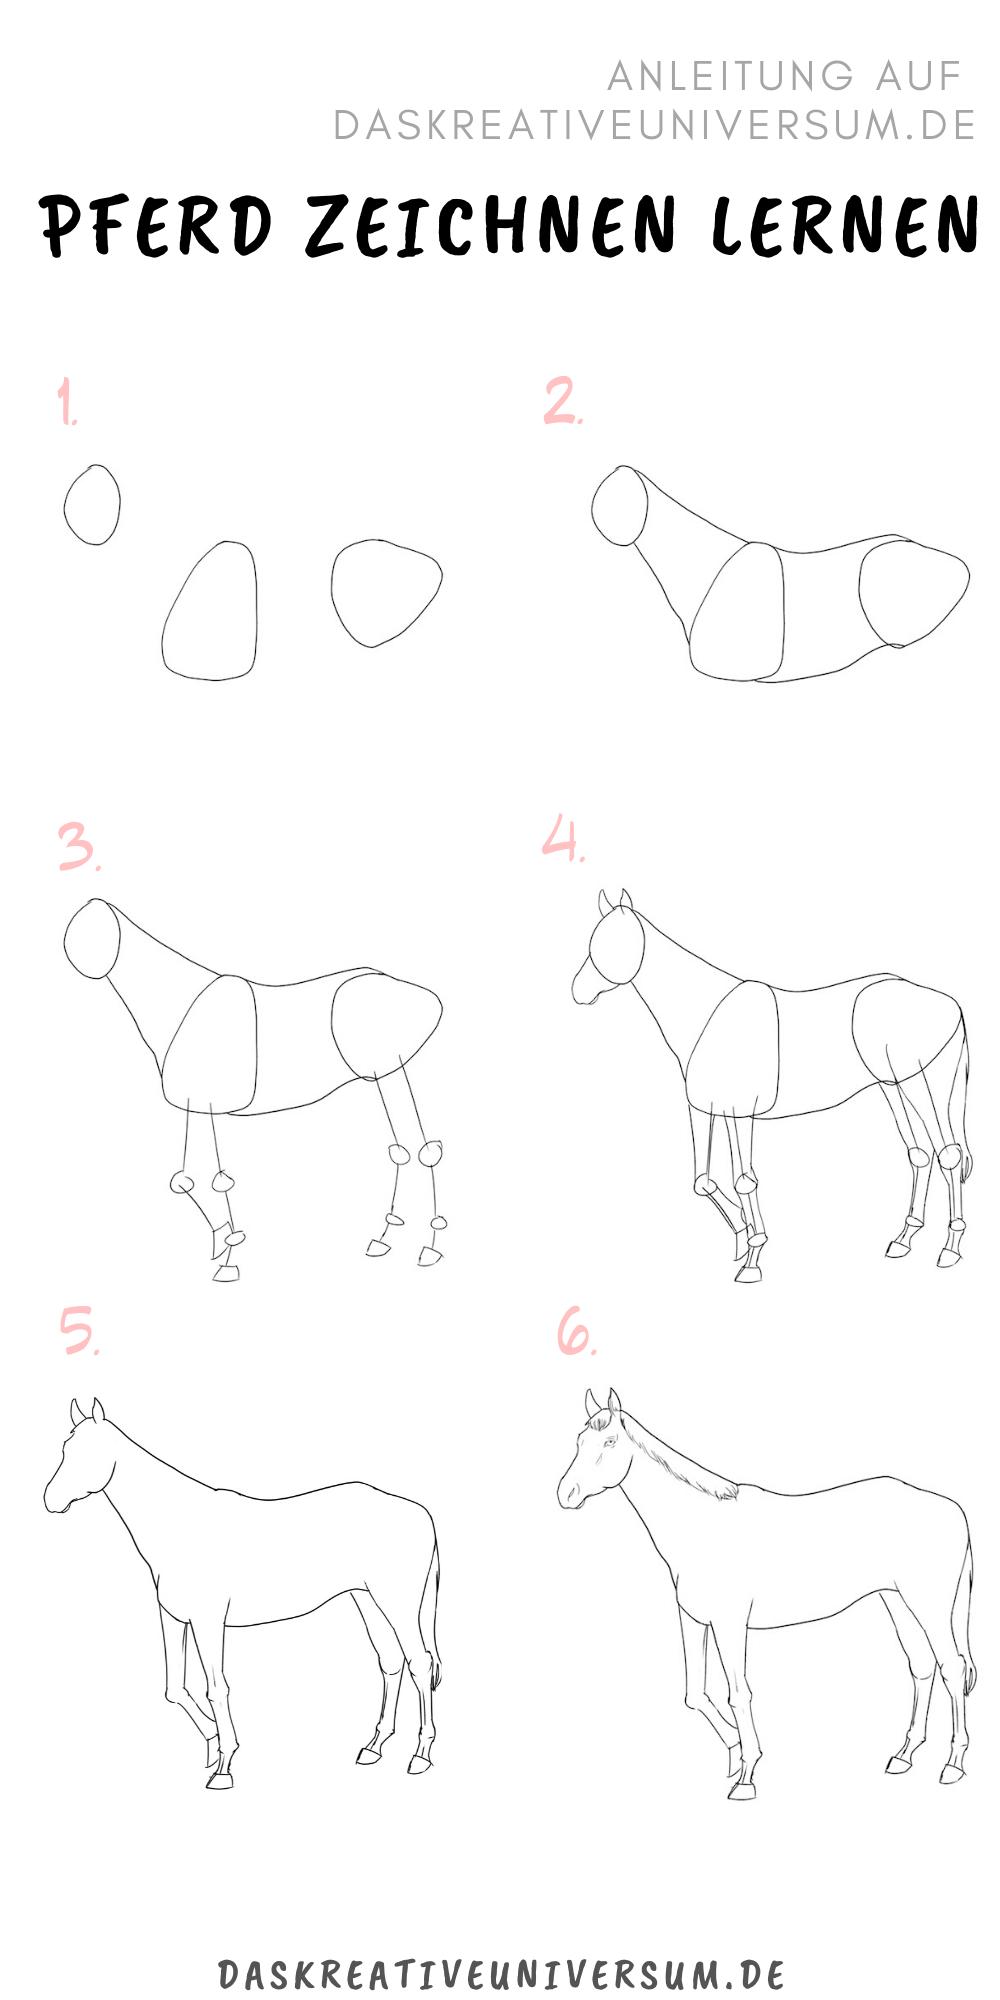 Pferd Zeichnen Lernen - 7 Schritte Für Ein Anatomisch bestimmt für Pferde Zeichnen Lernen